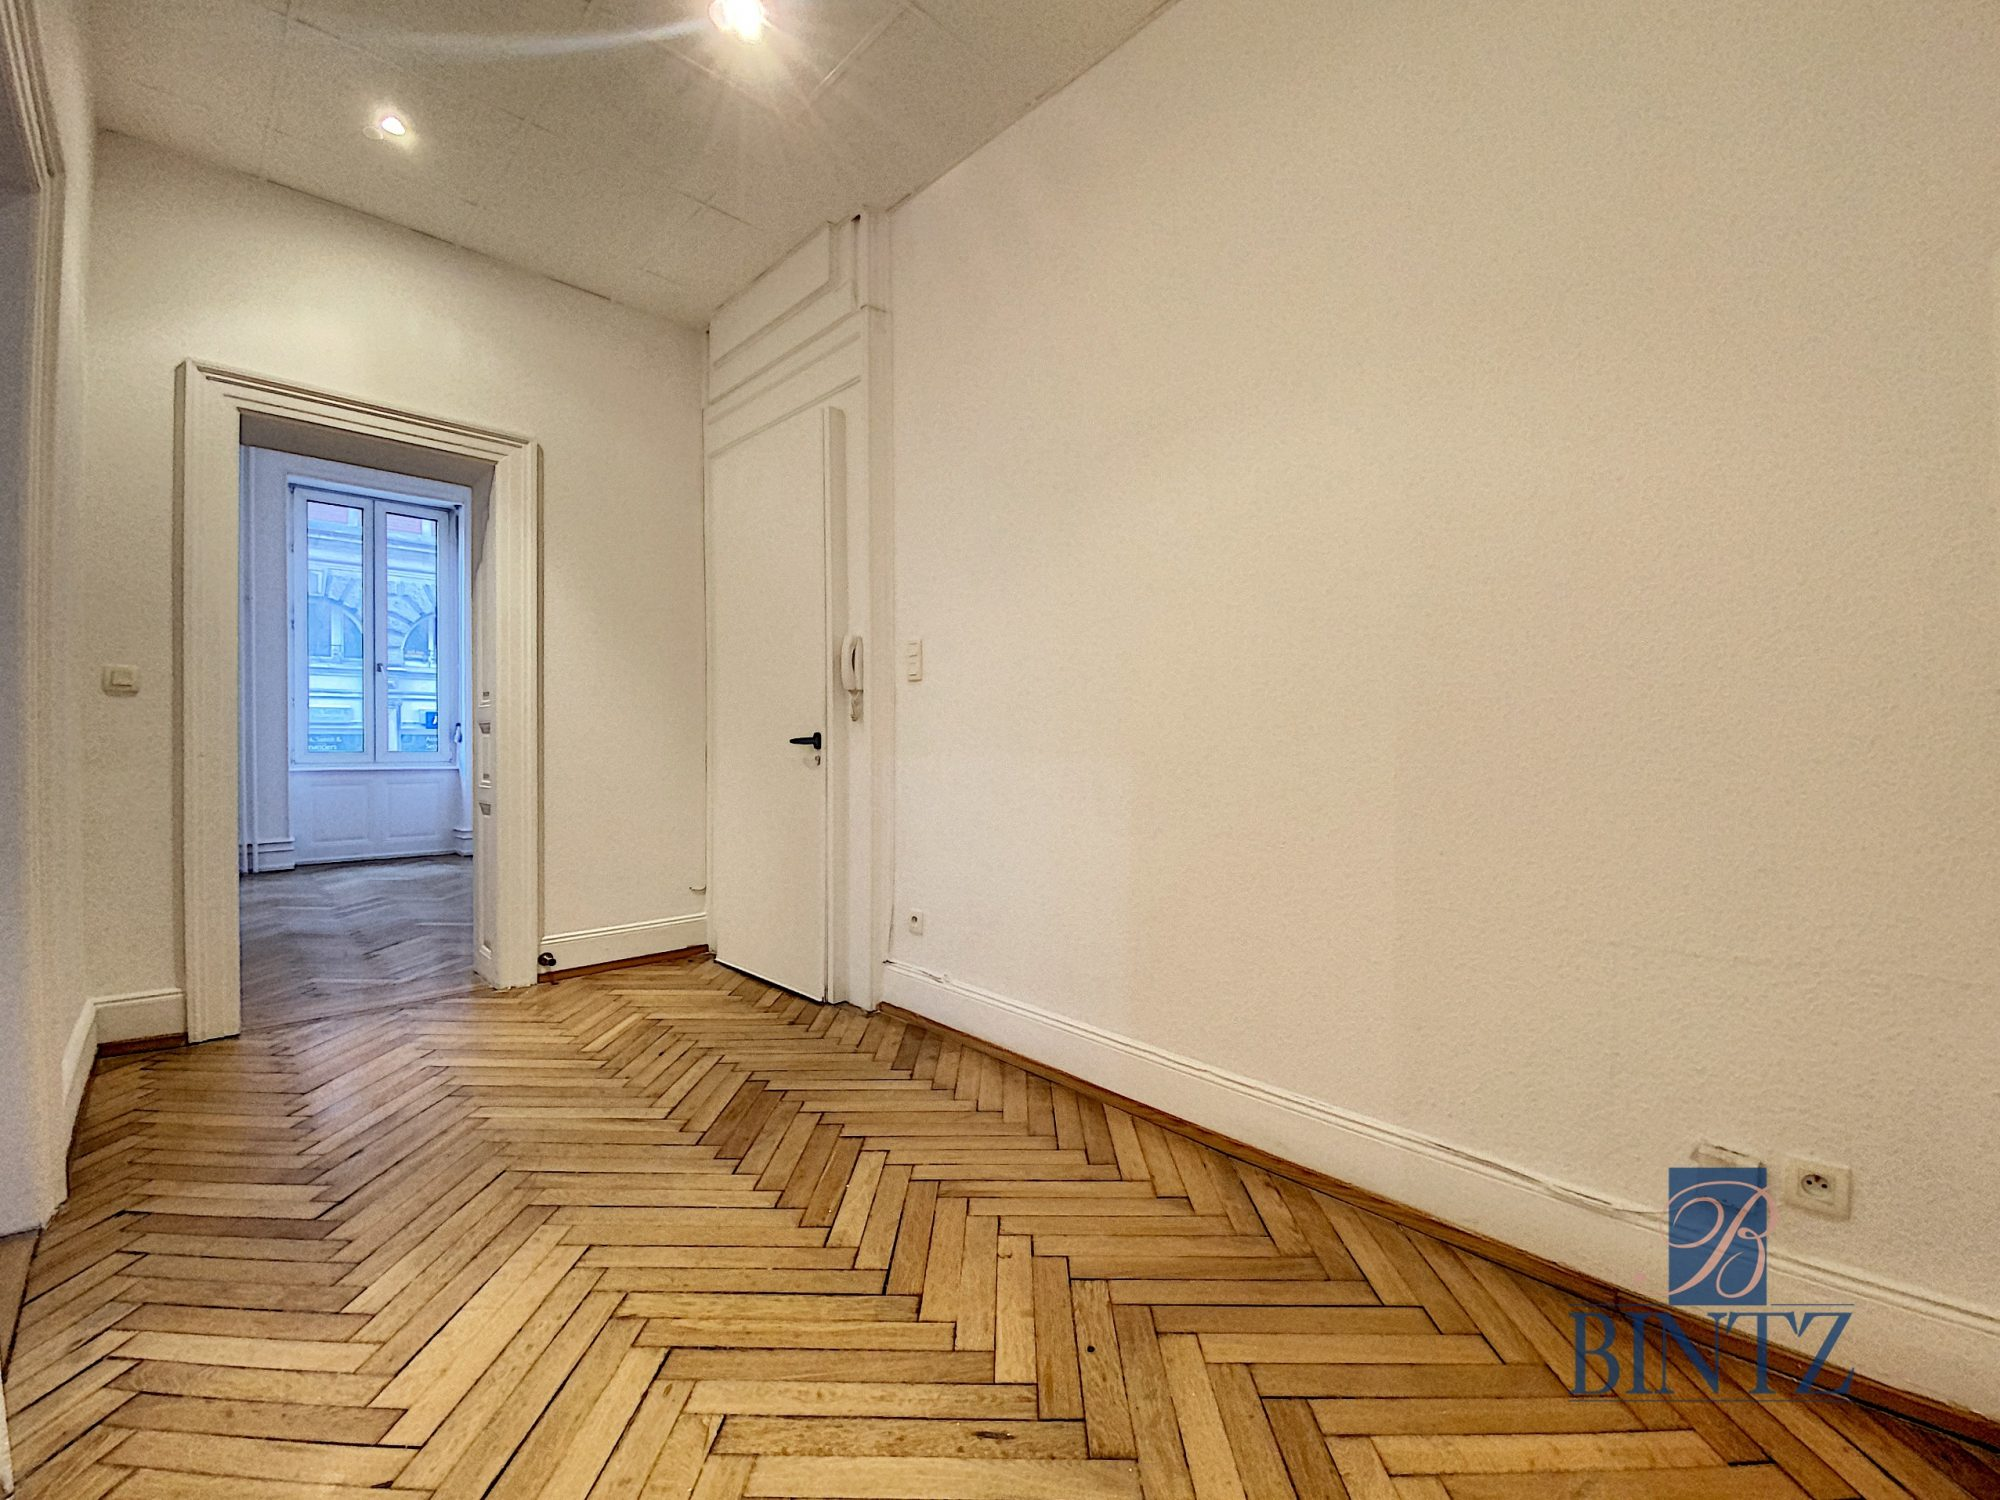 5 pièces rue Wimpheling - Devenez locataire en toute sérénité - Bintz Immobilier - 8